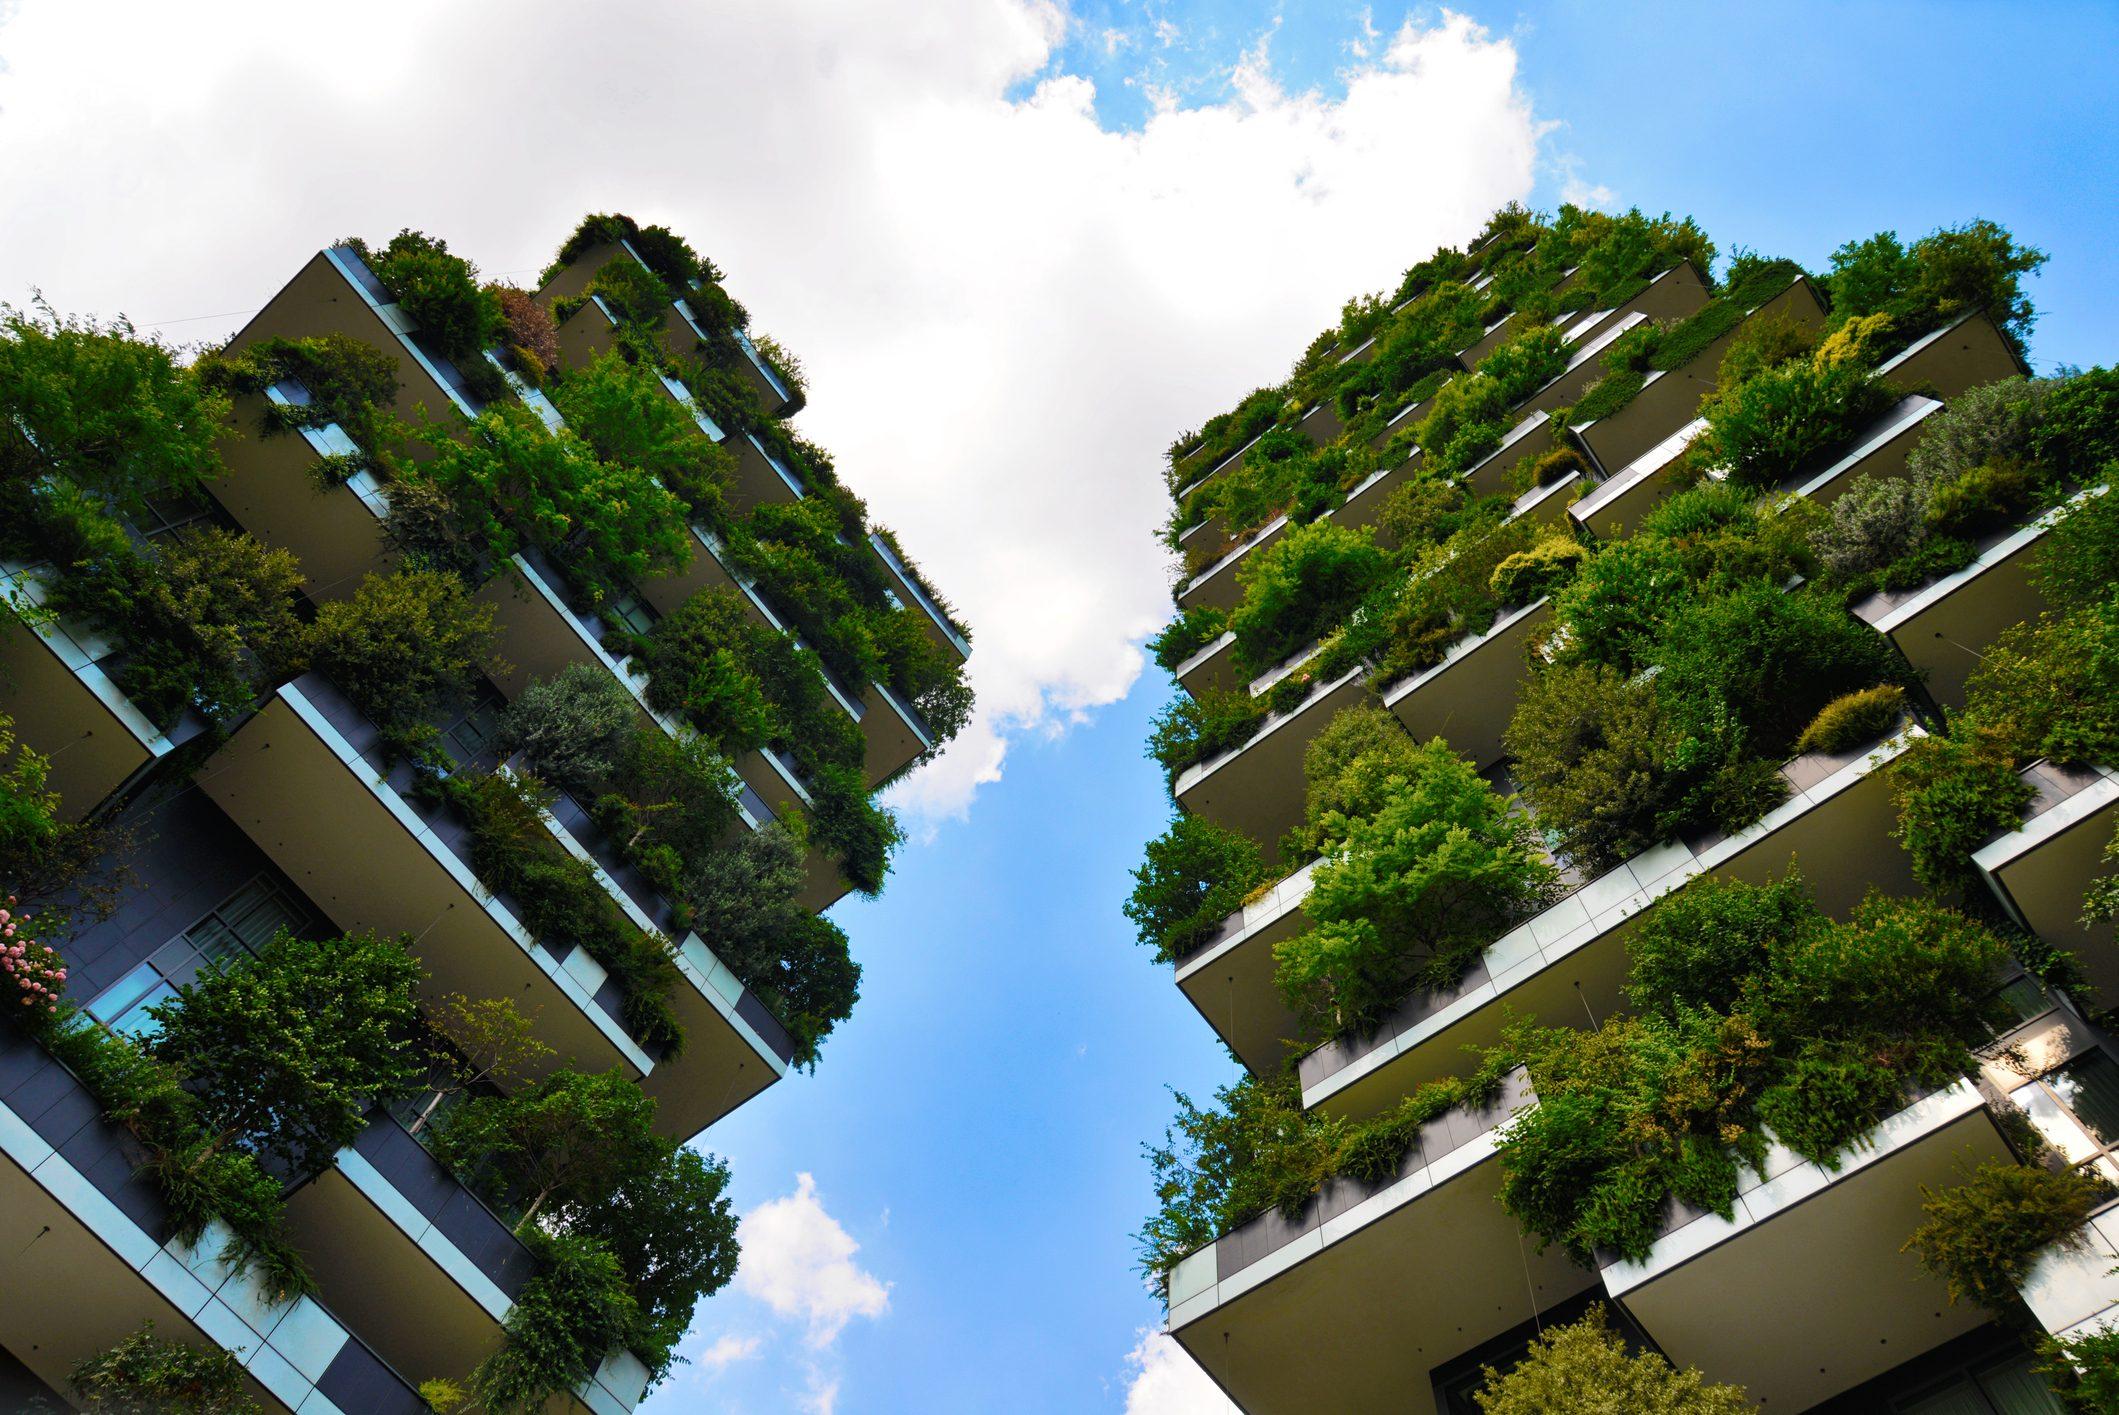 Foto Bosco Verticale Milano il bosco verticale a milano, simbolo di una città sempre più